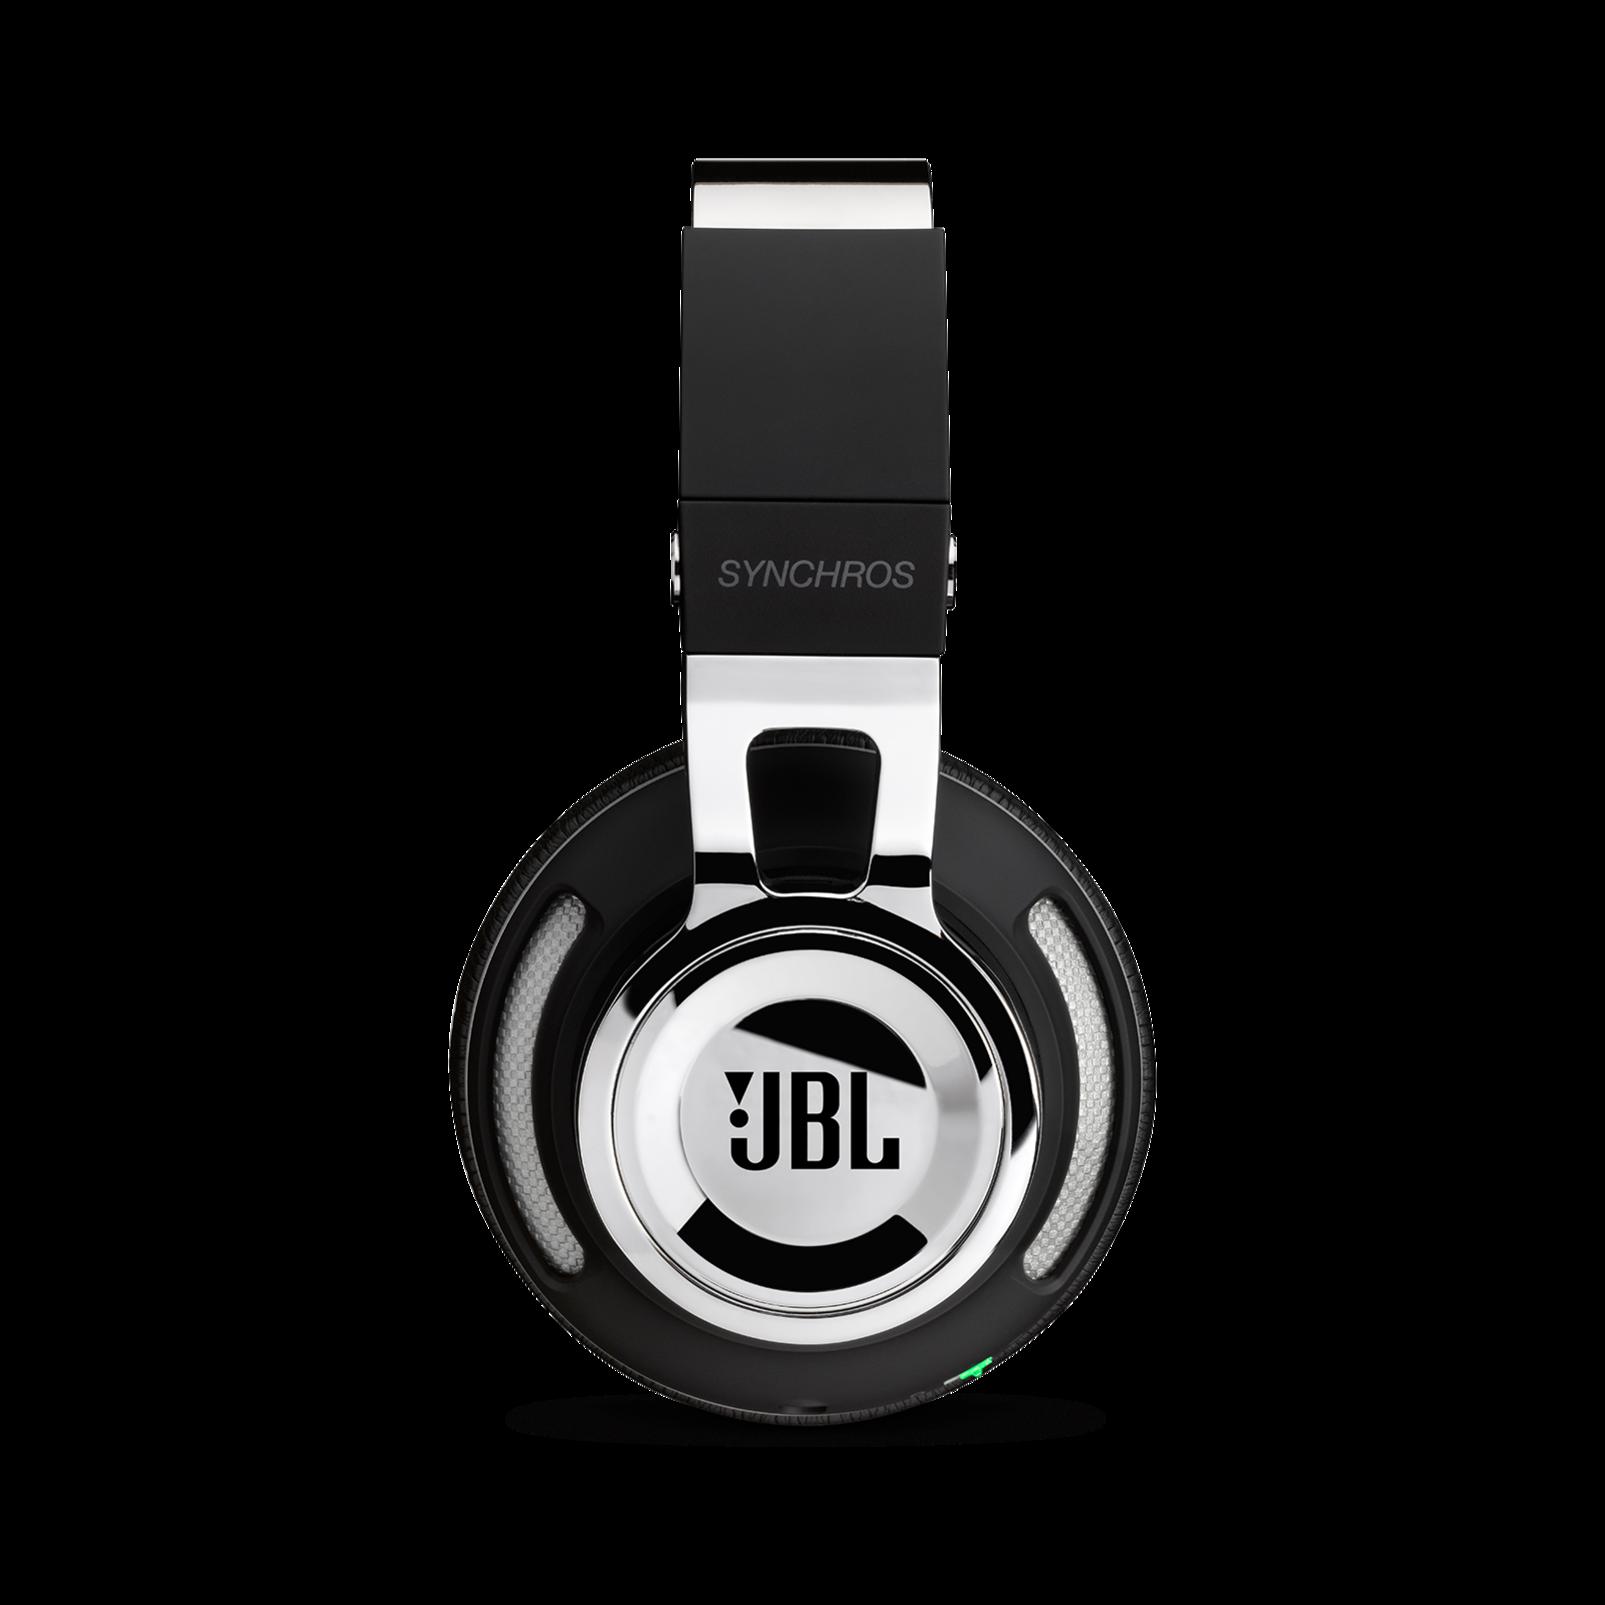 6db27b5b763 JBL Synchros Chrome Edition| Powered Over-Ear Headphones with Mic